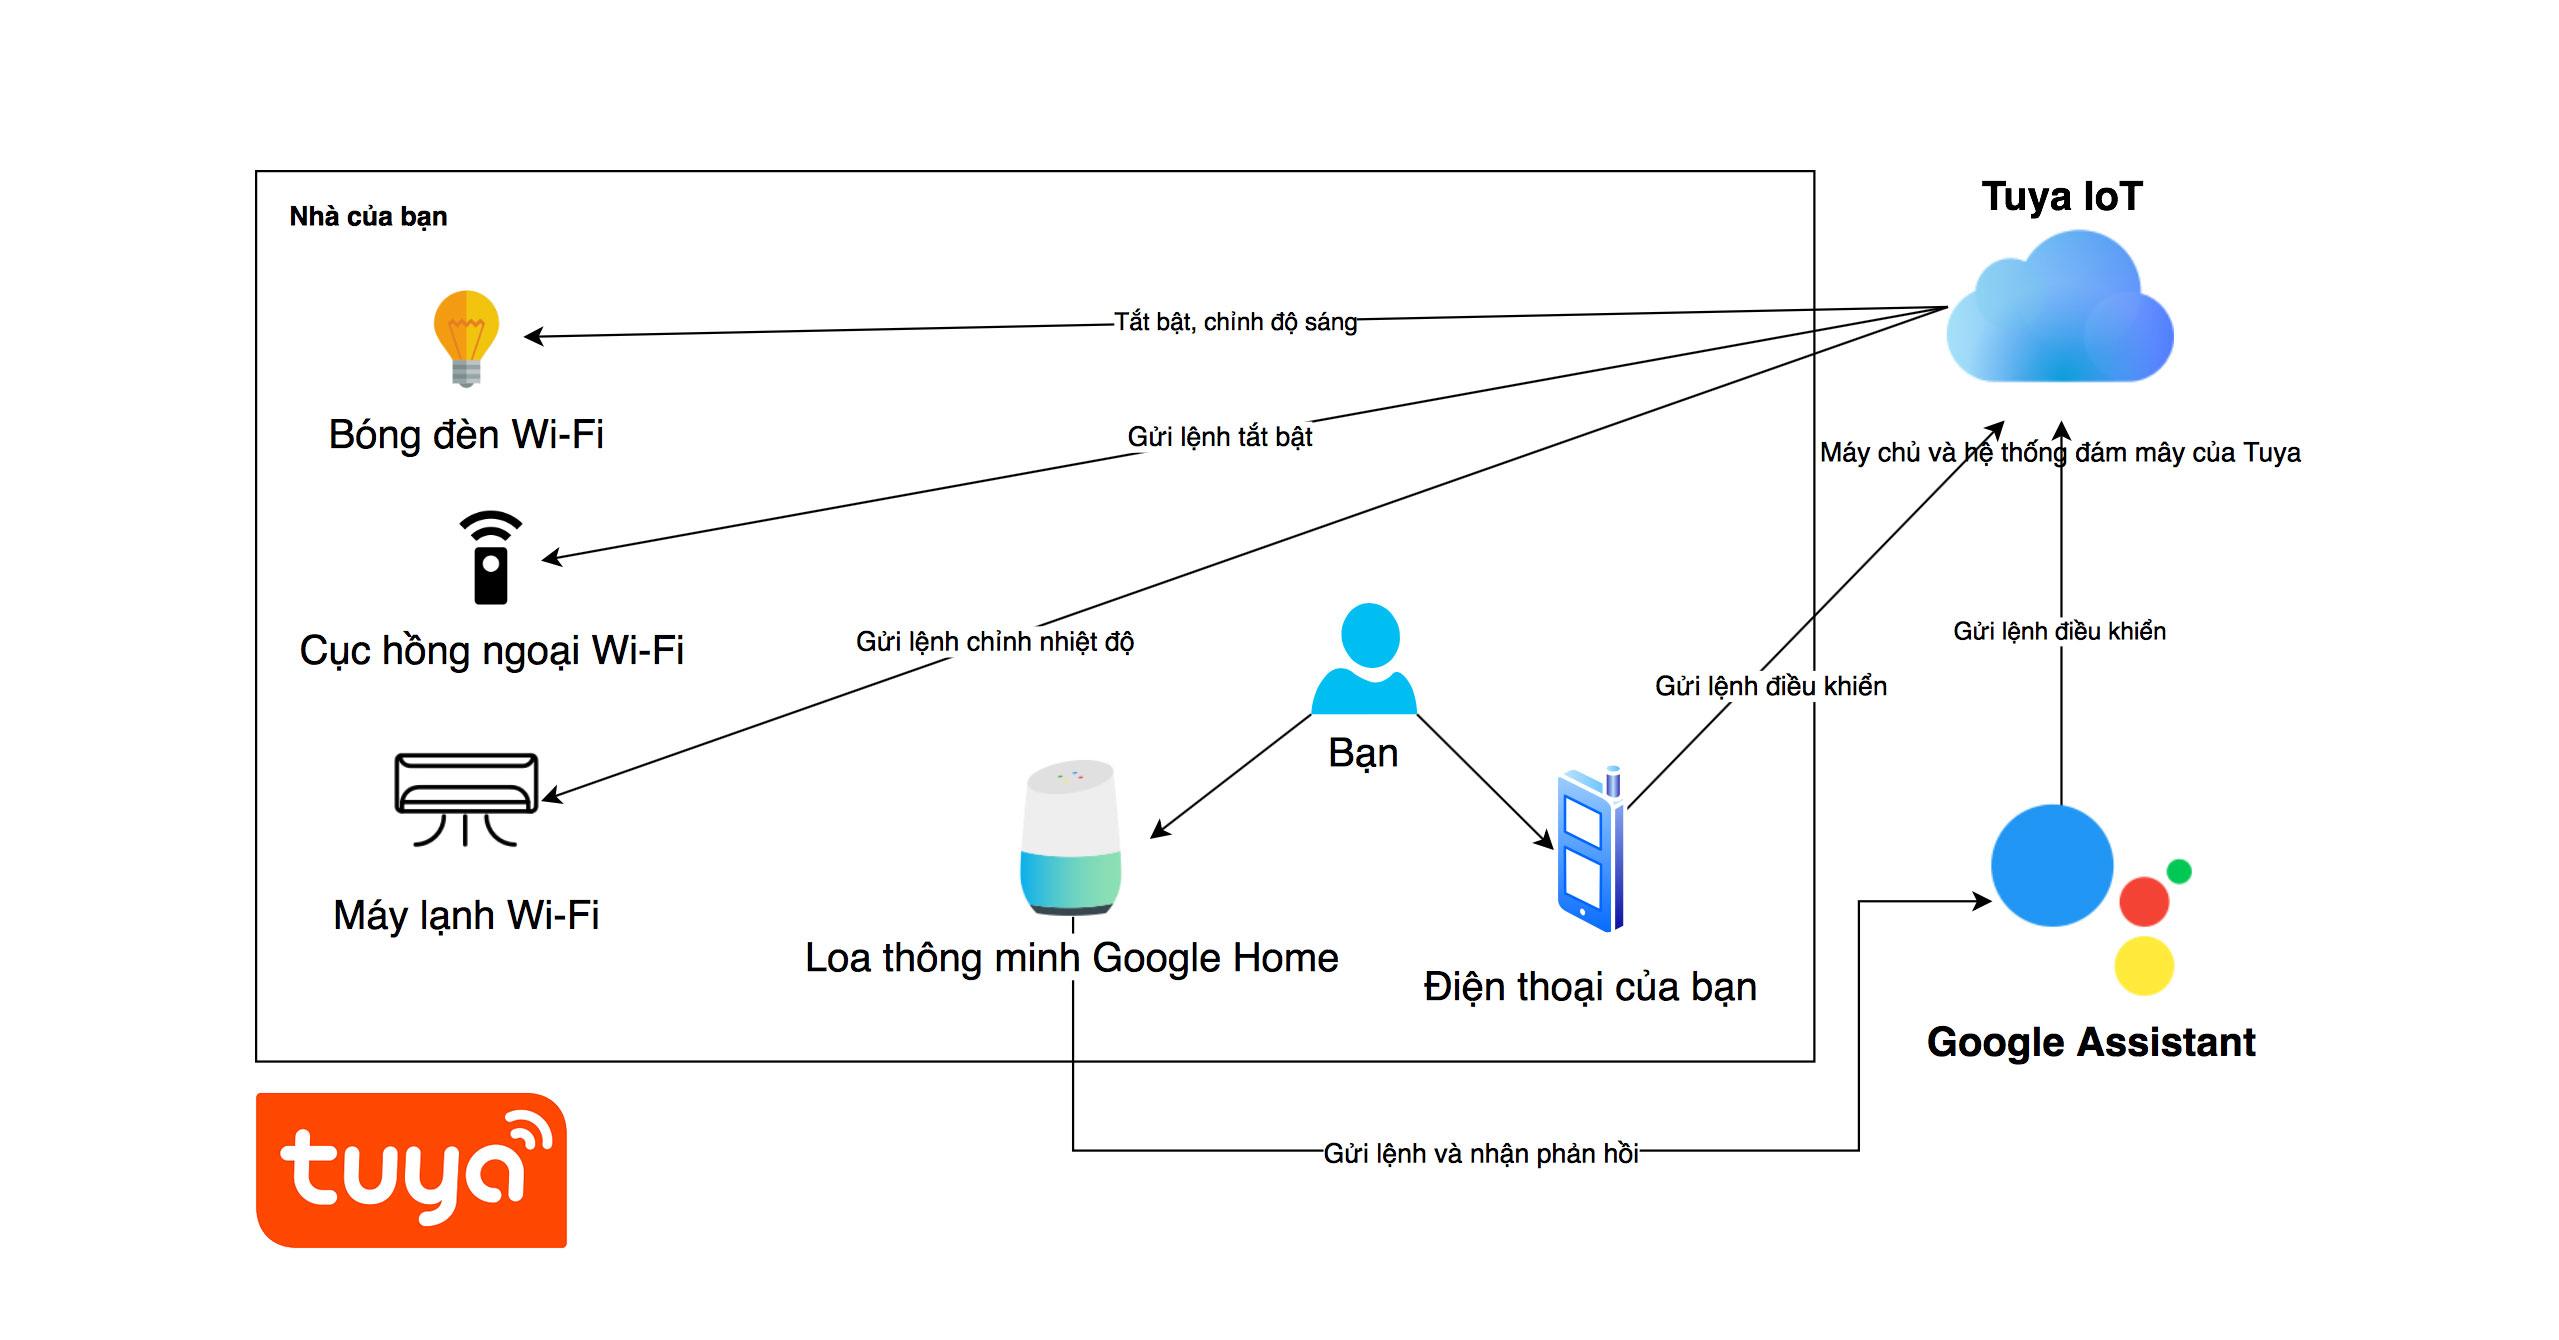 Cơ bản nền tảng nhà thông minh Tuya: rẻ và phong phú, dùng tốt với Google  Assistant tiếng Việt